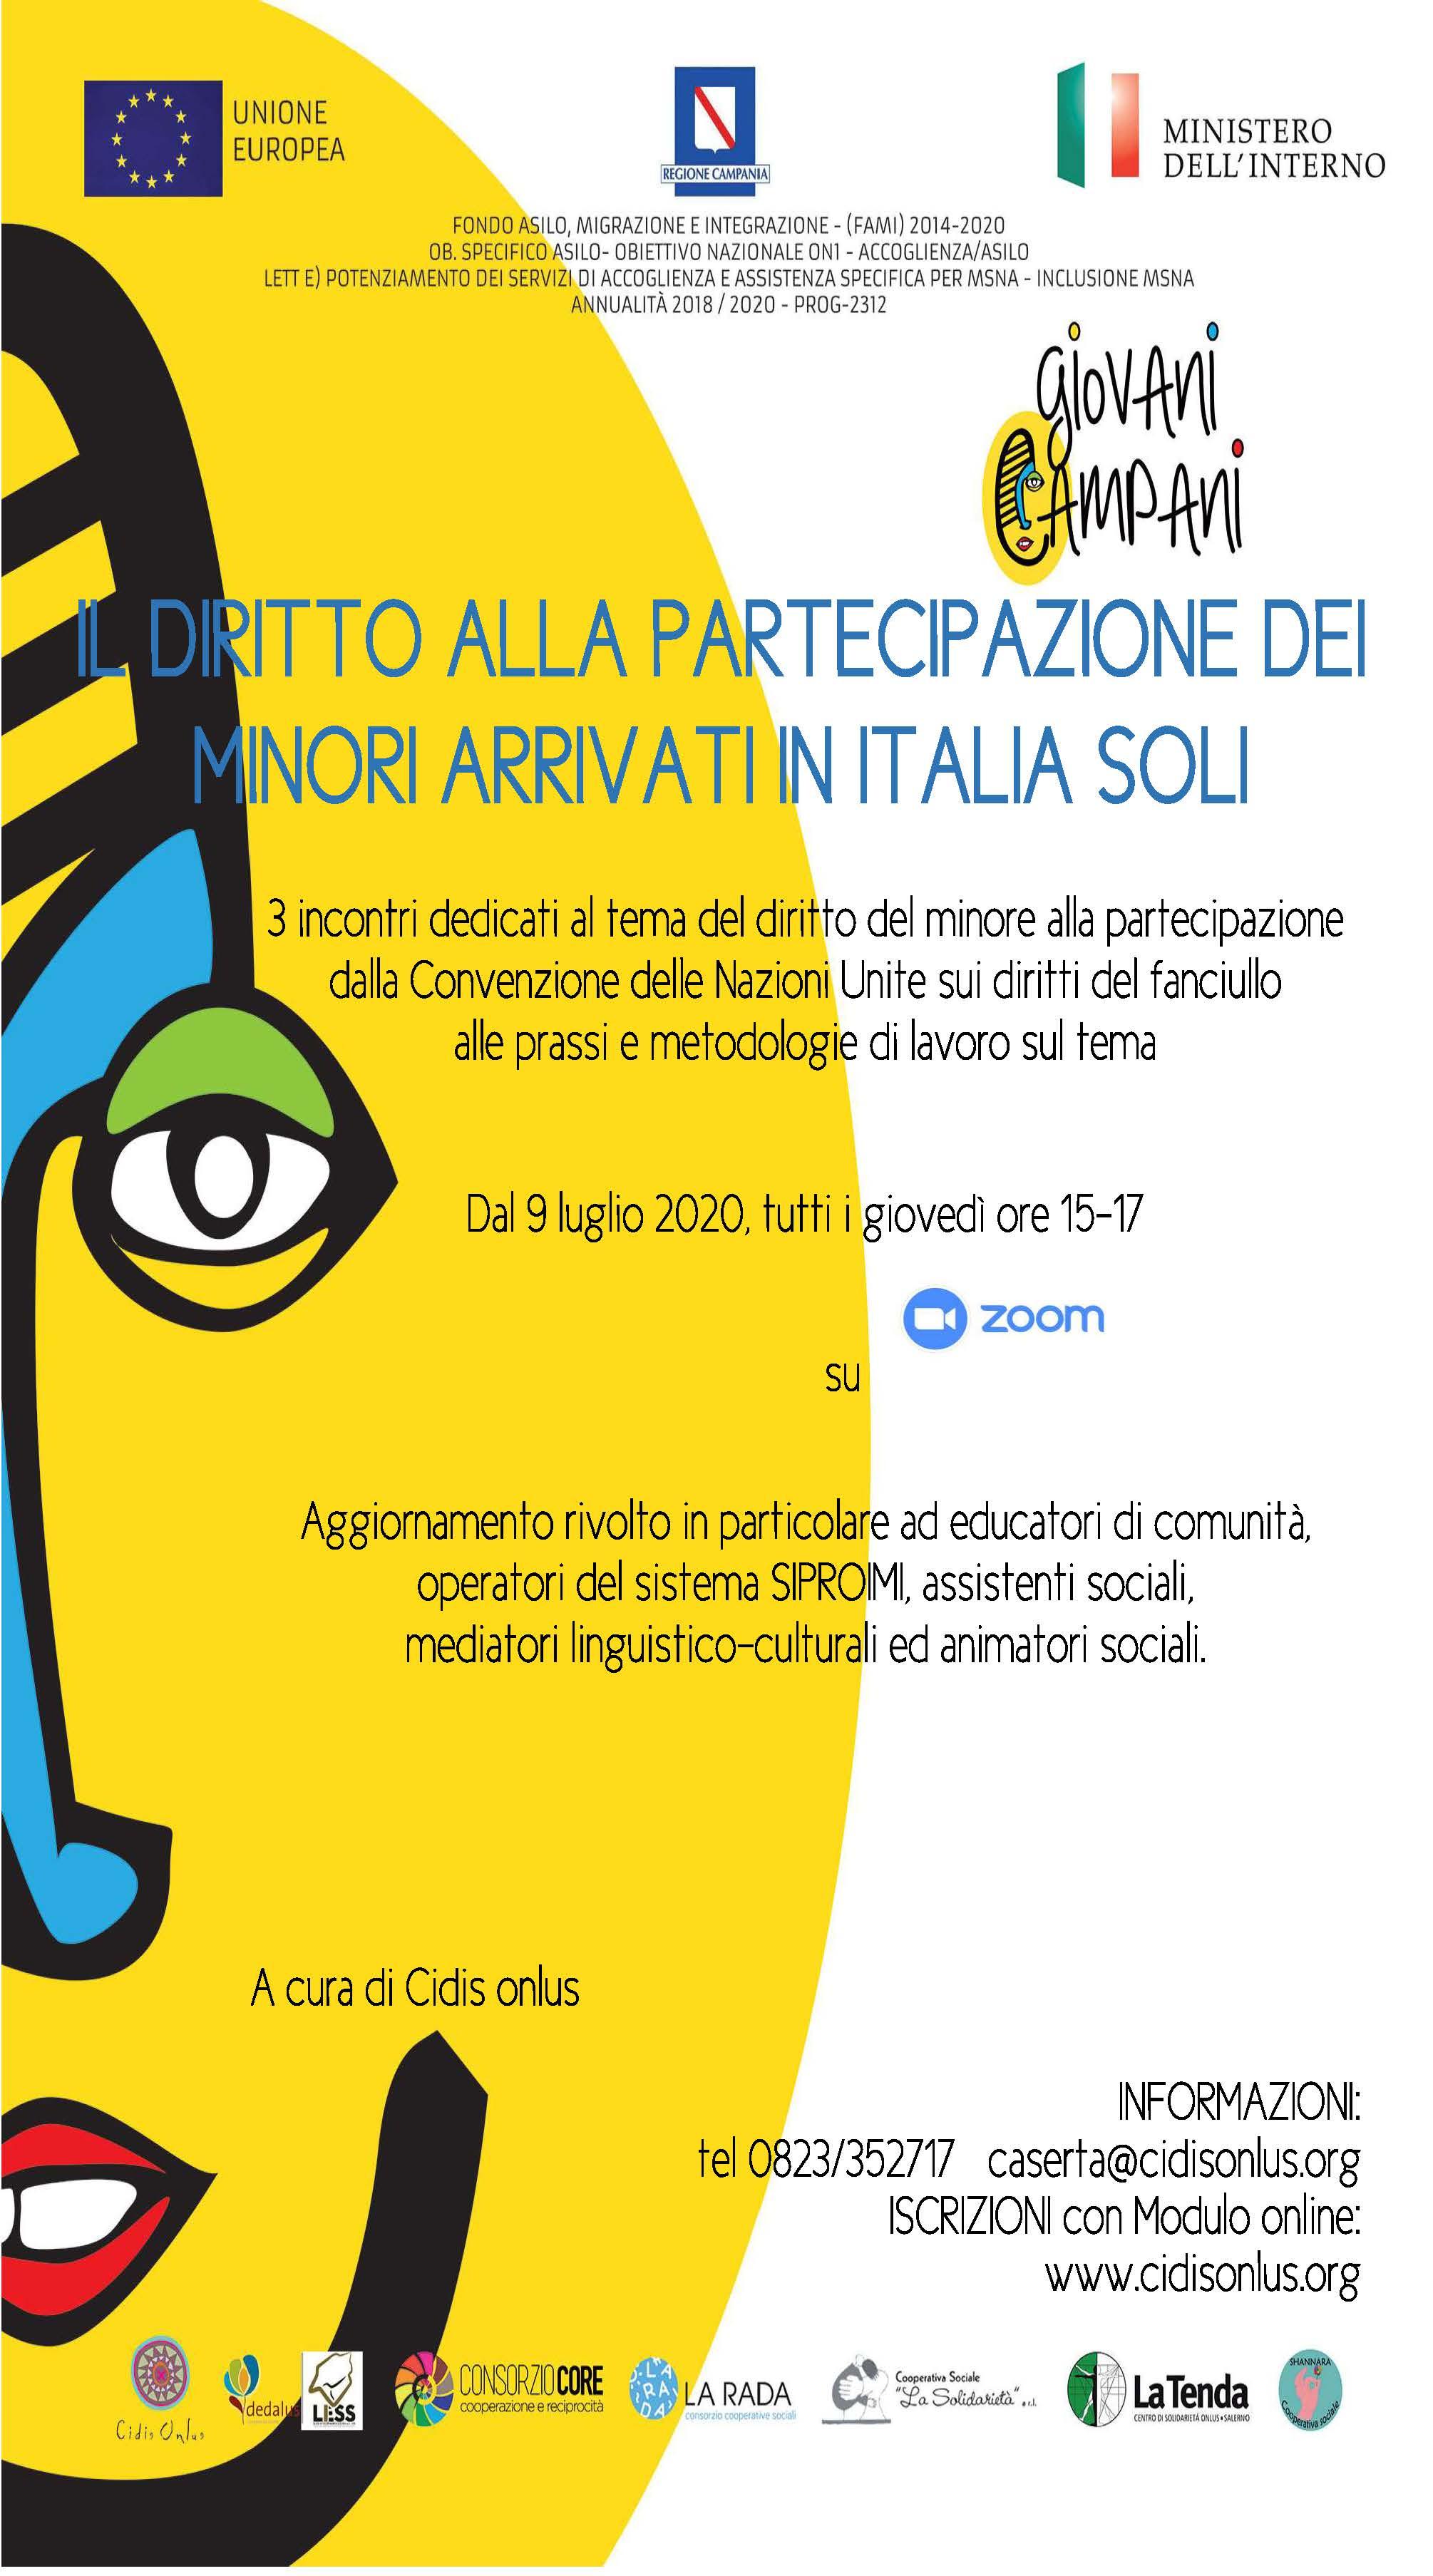 Partecipazione e minori stranieri arrivati soli in Italia, nuovi webinar gratuiti di Cidis